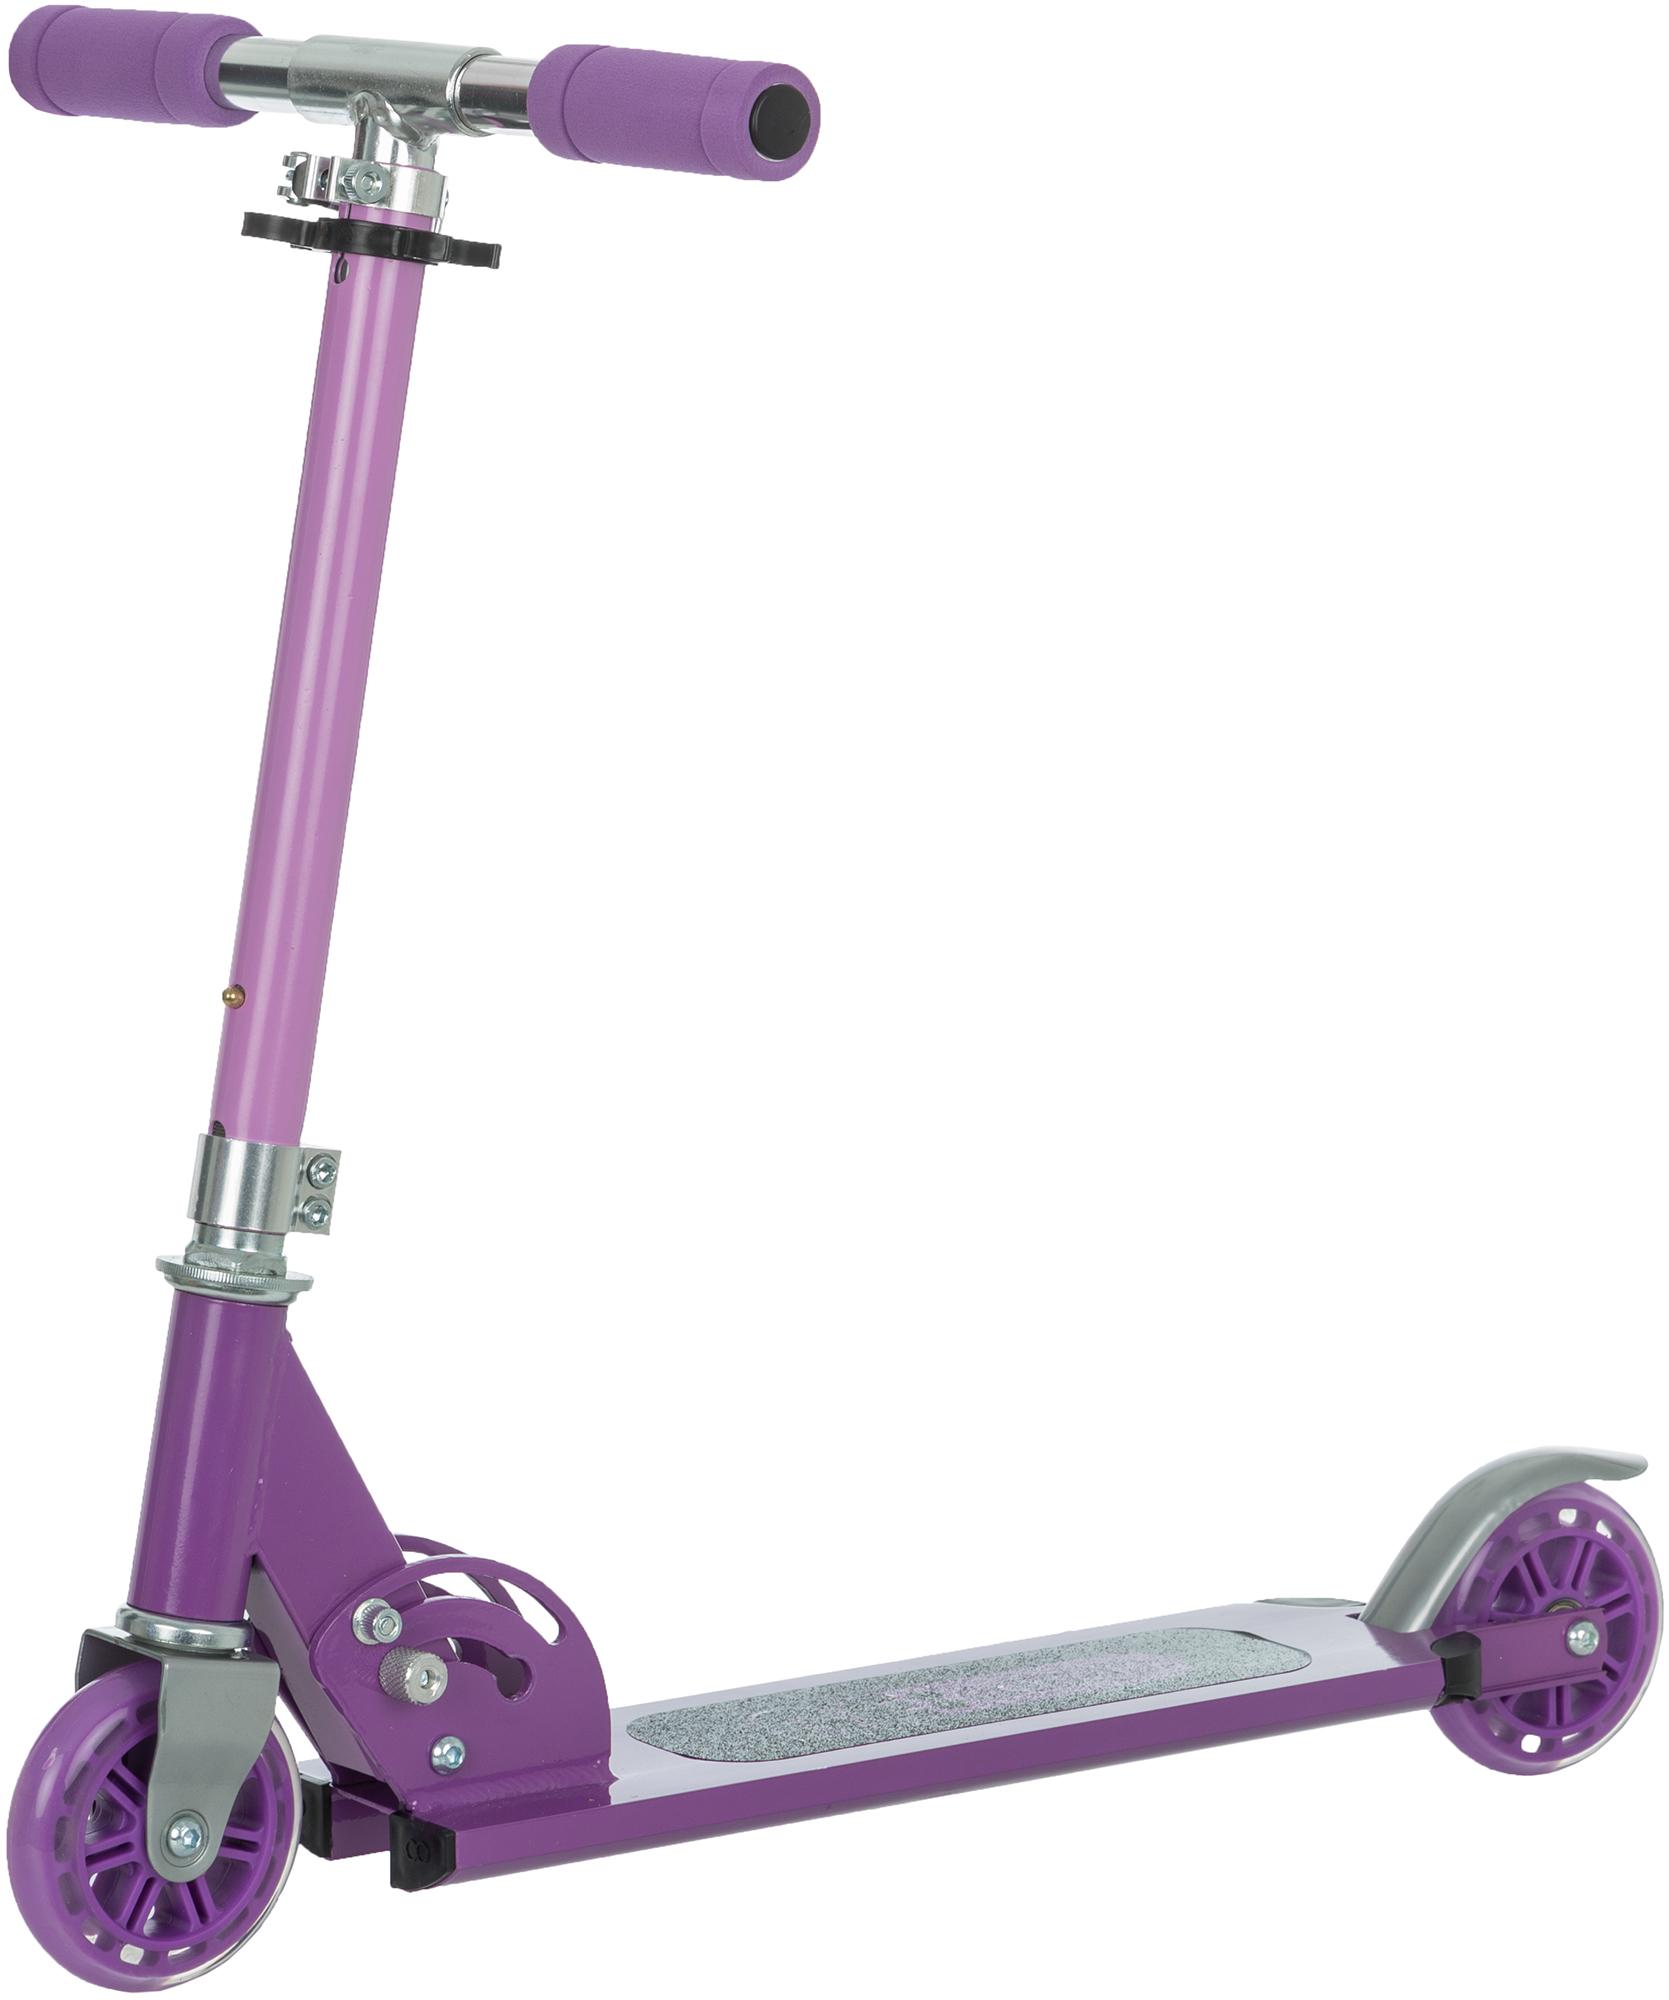 REACTION Самокат детский Re:action, колеса 100 мм  недорого